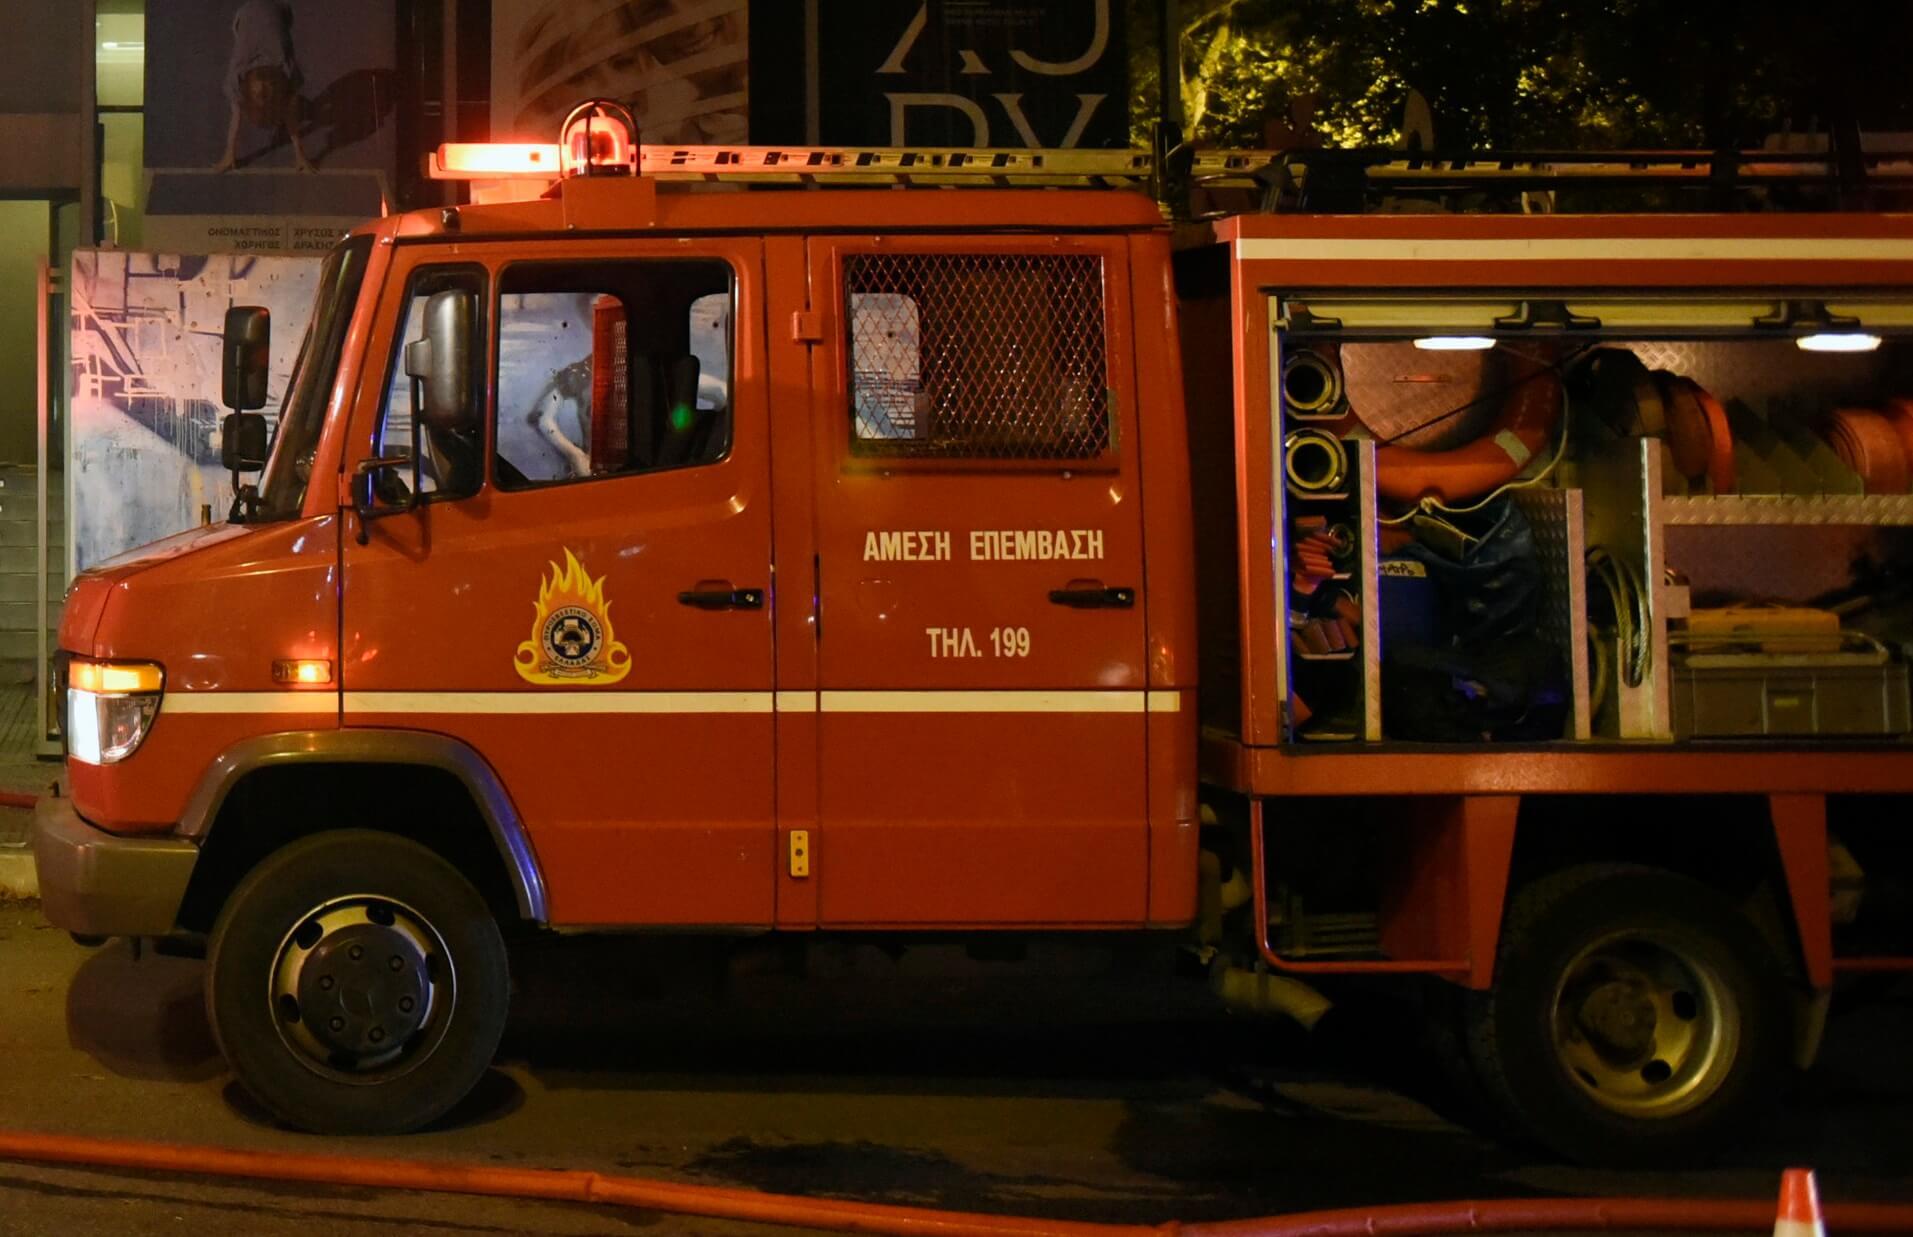 Λαμία: Ανήλικοι διαρρήκτες εγκλωβίστηκαν σε μπαλκόνι και φώναξαν την Πυροσβεστική